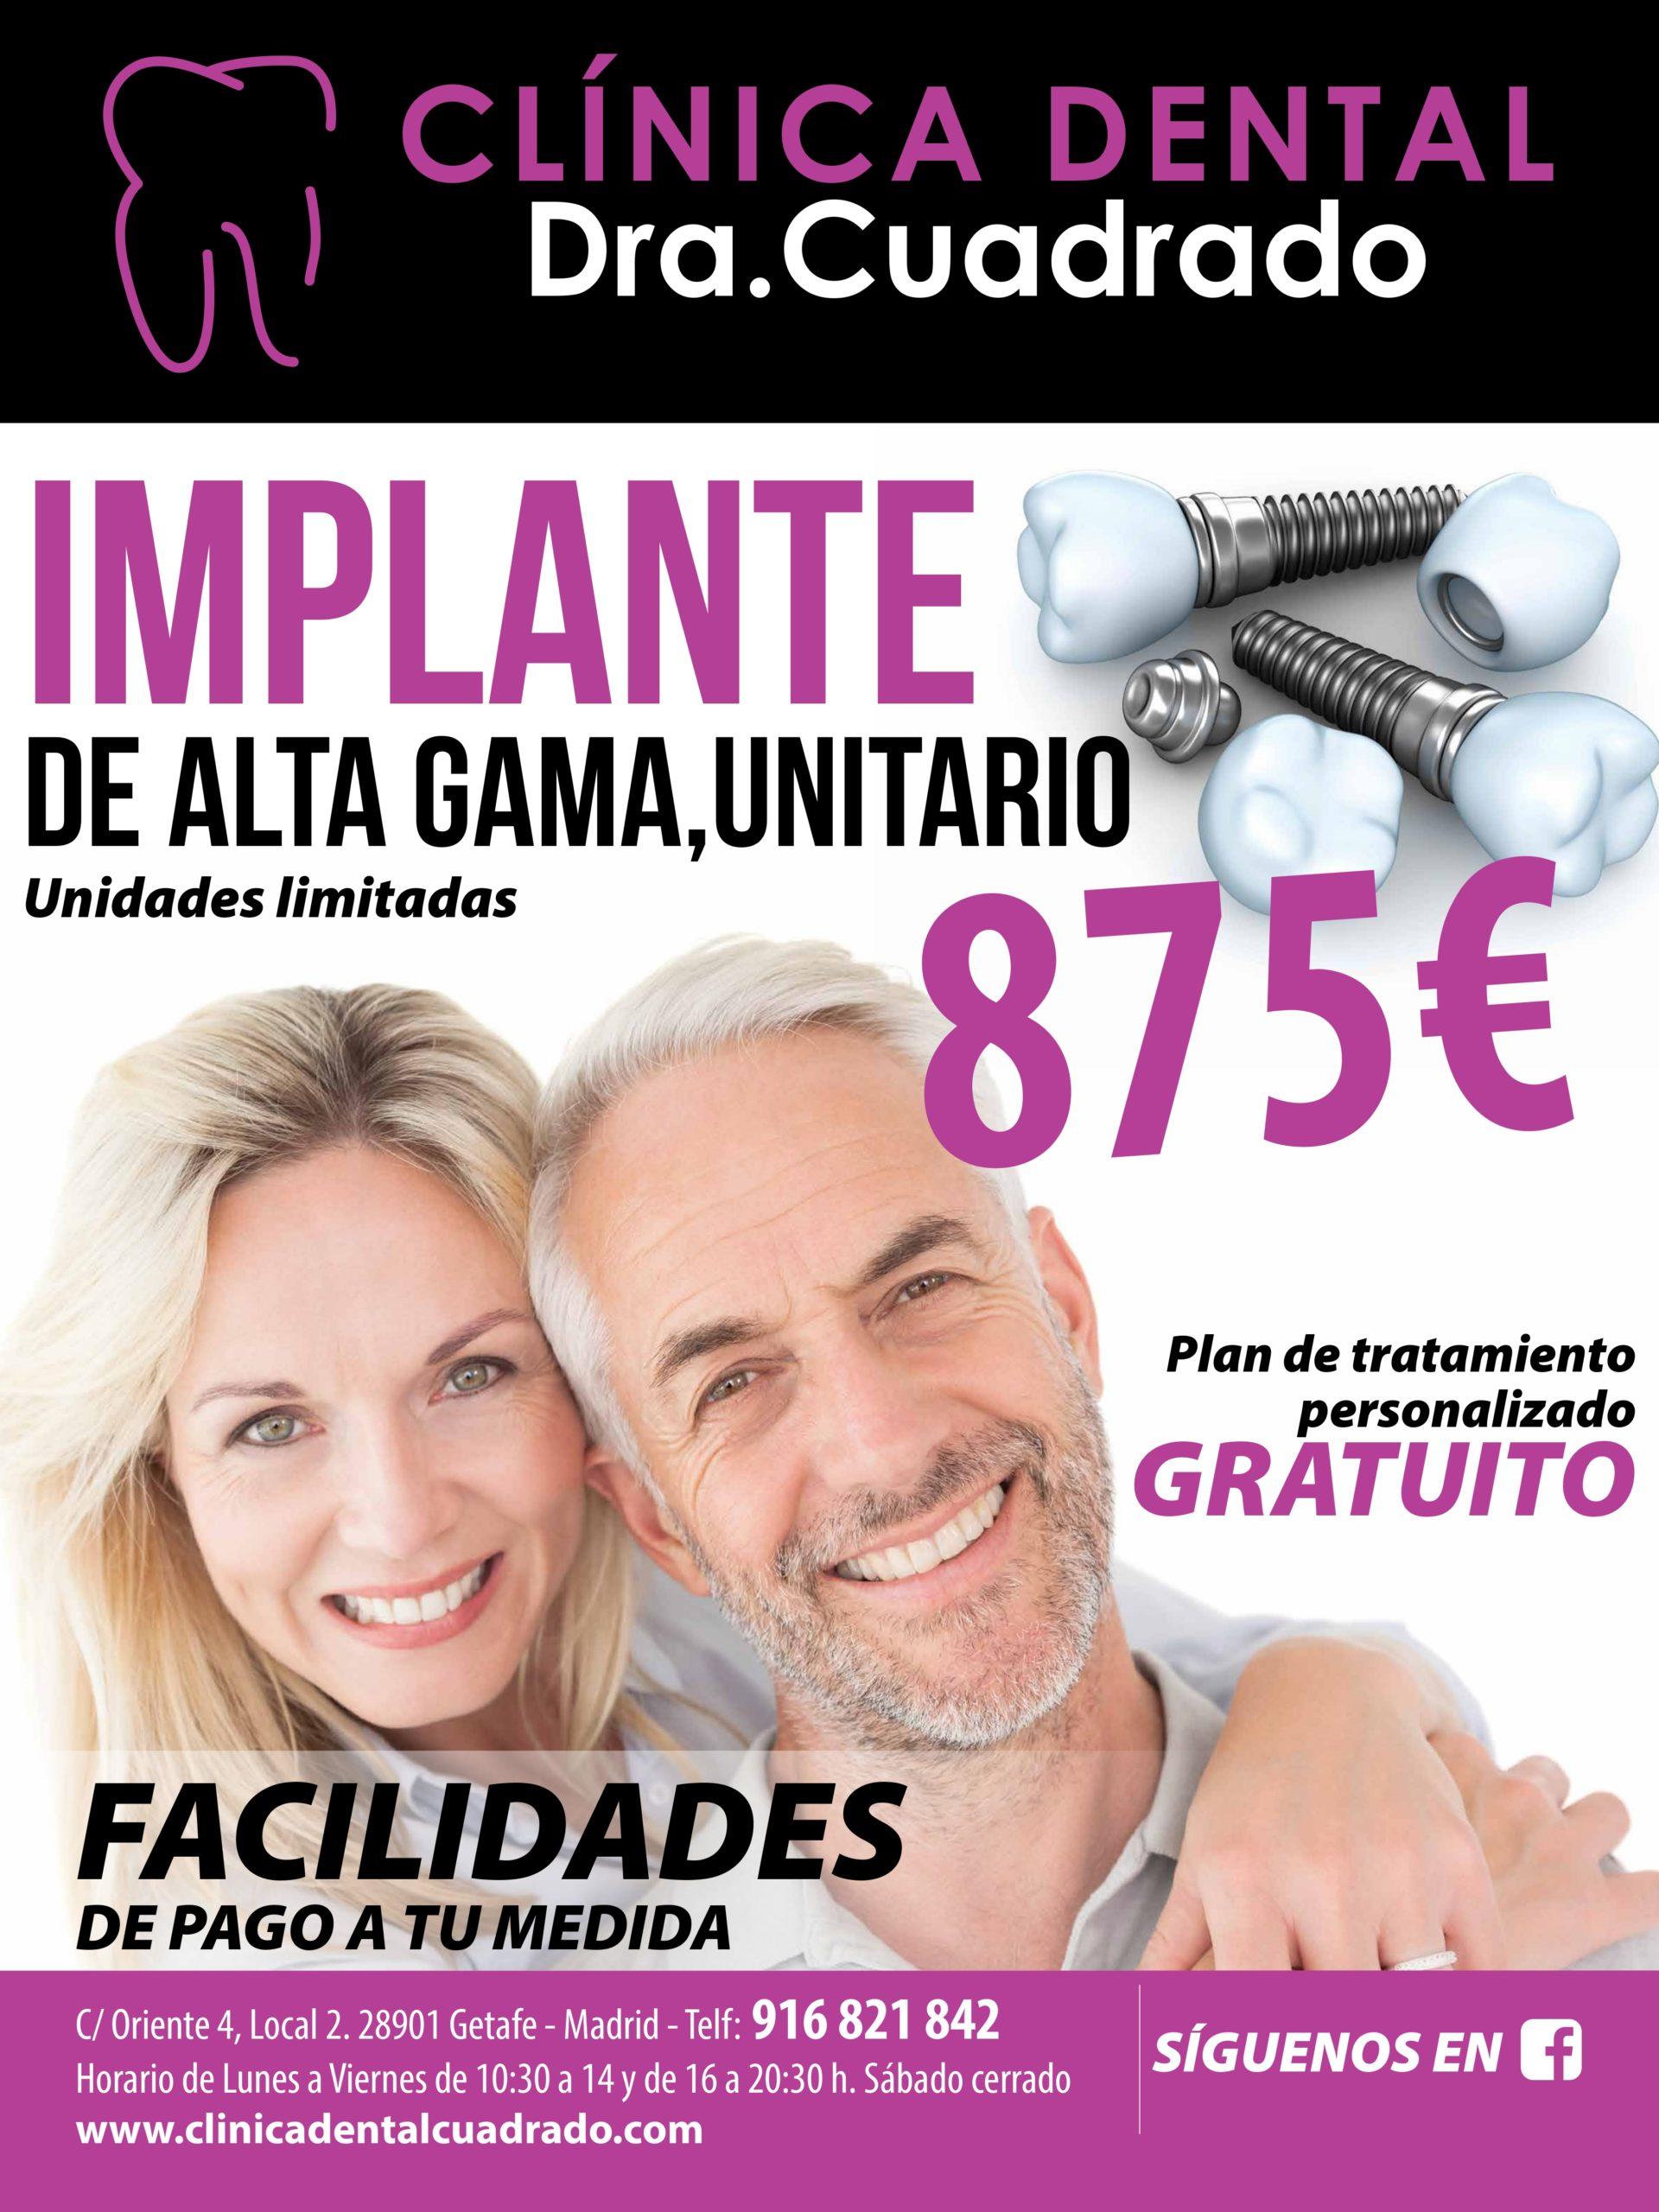 Aprovecha las promociones dentales de nuestros centros en Móstoles y Getafe